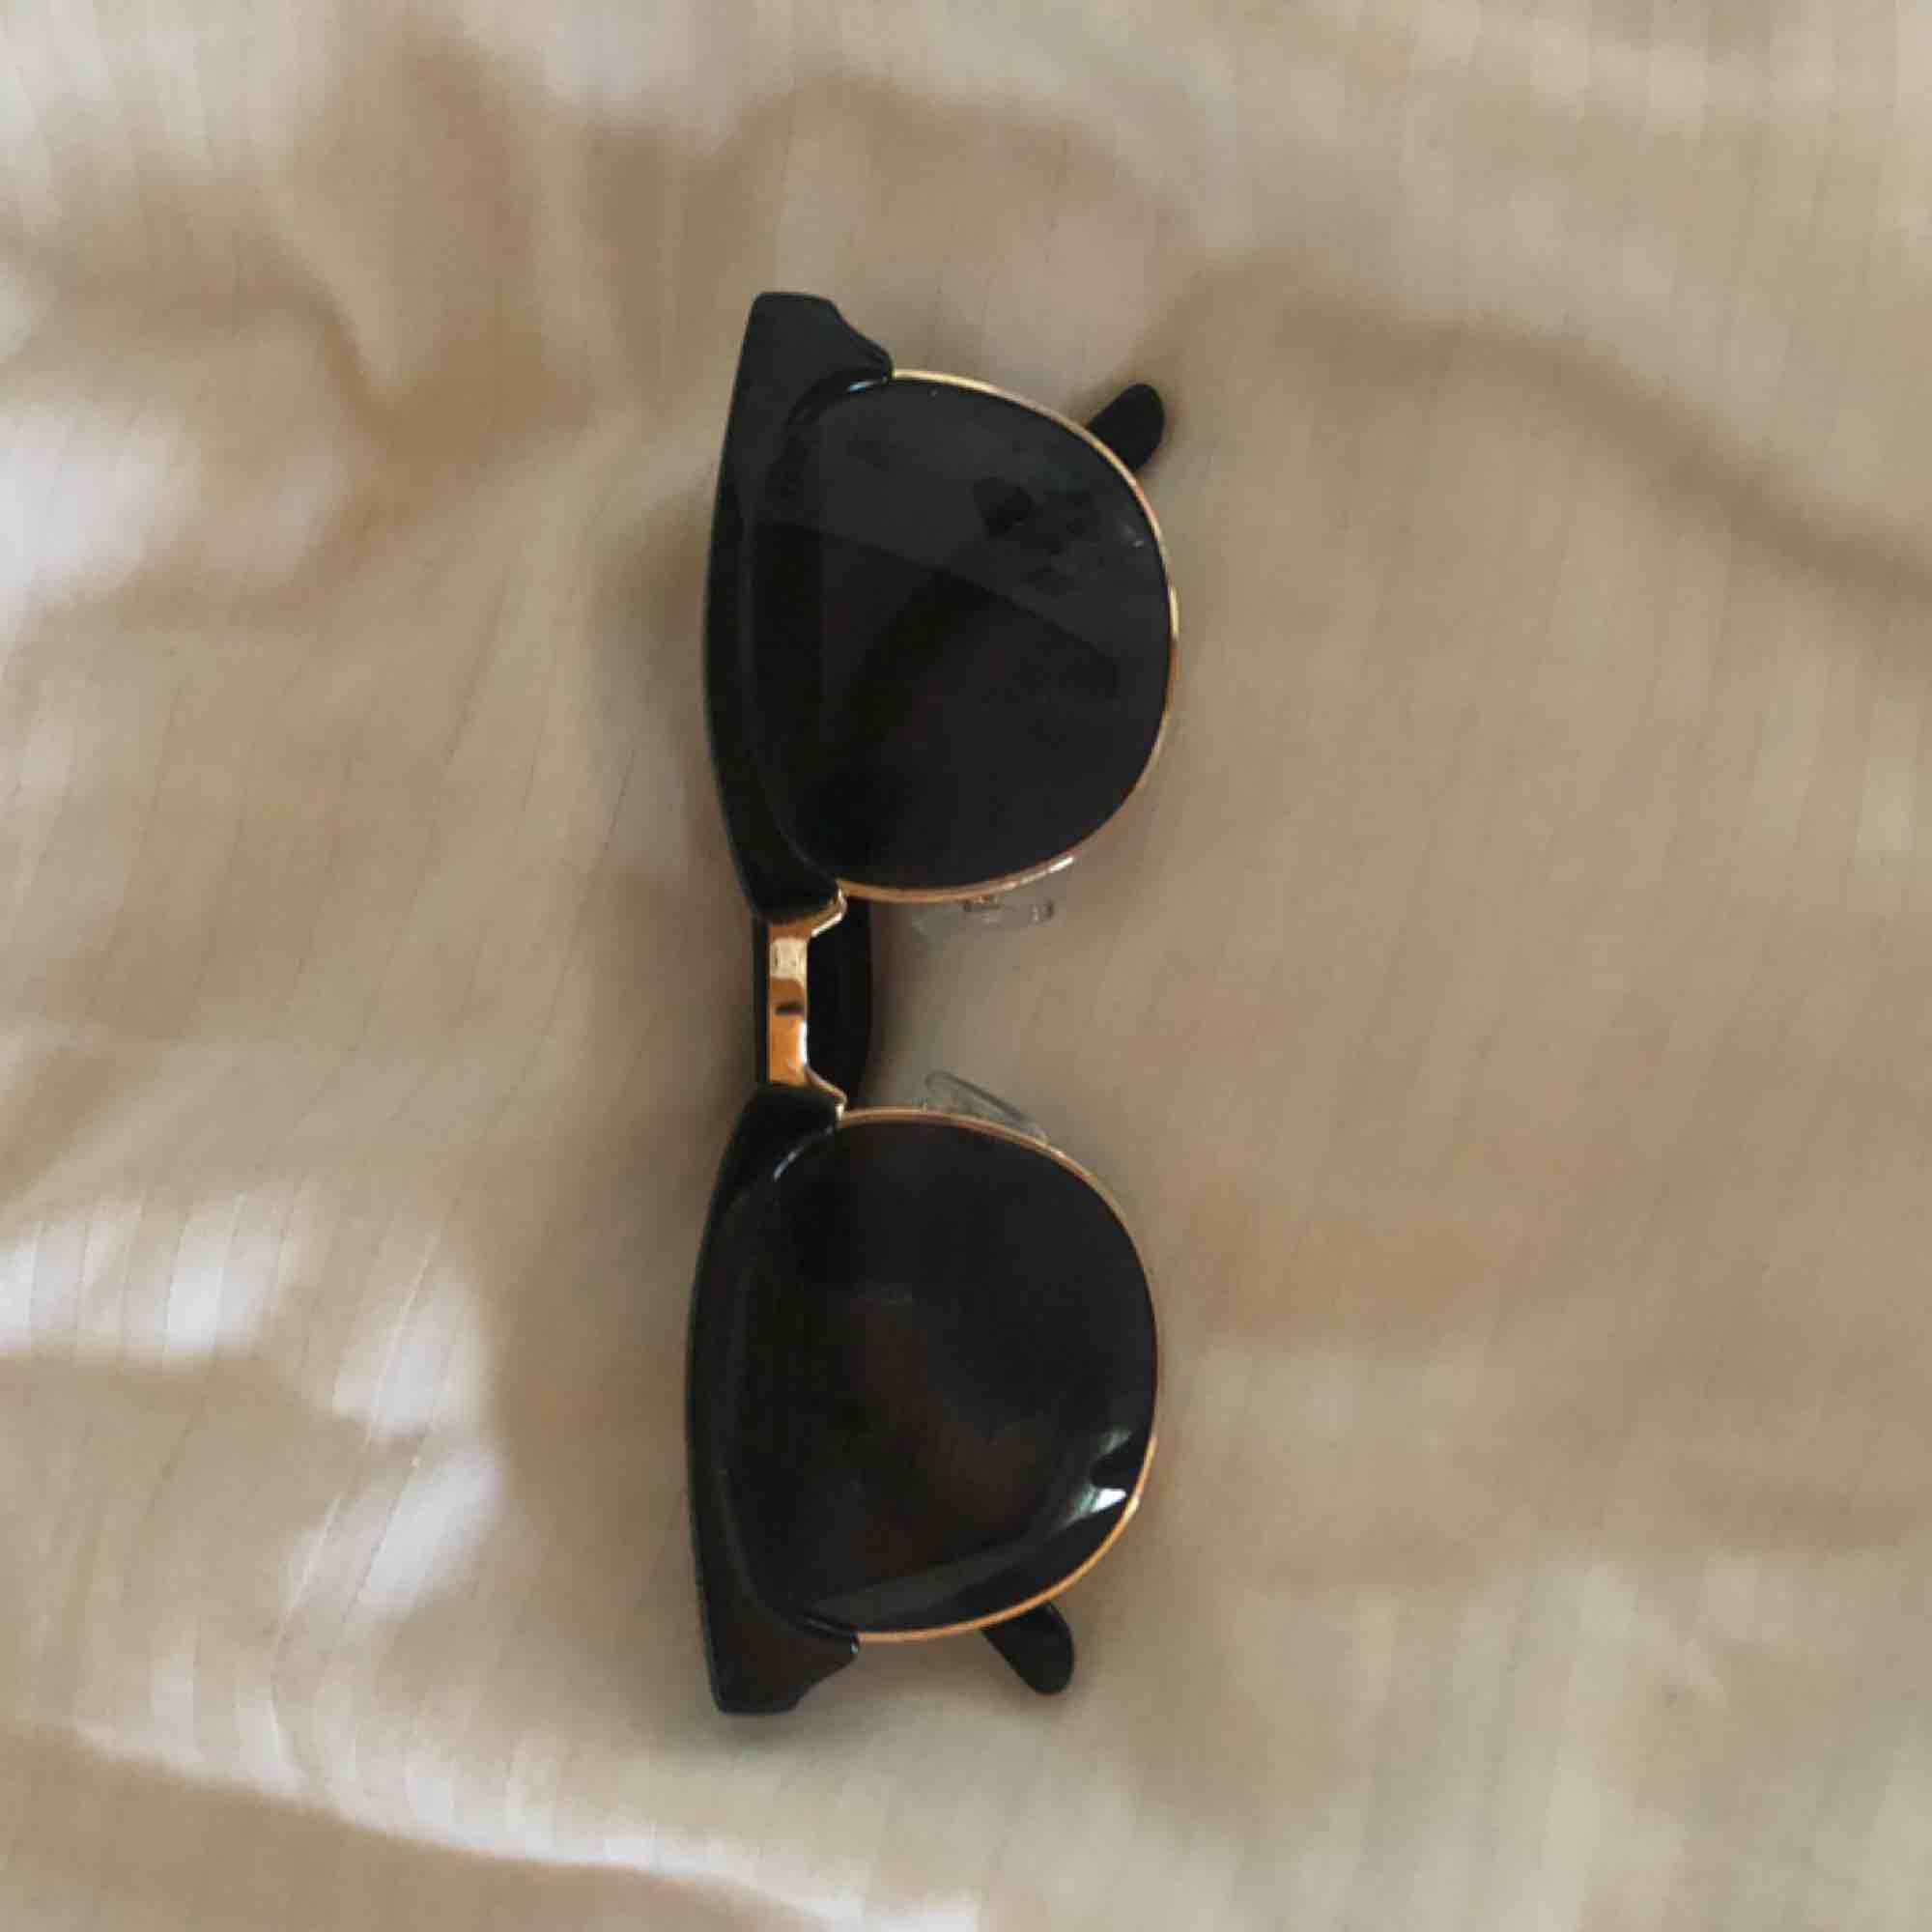 Solglasögon från Gina tricot. Accessoarer.